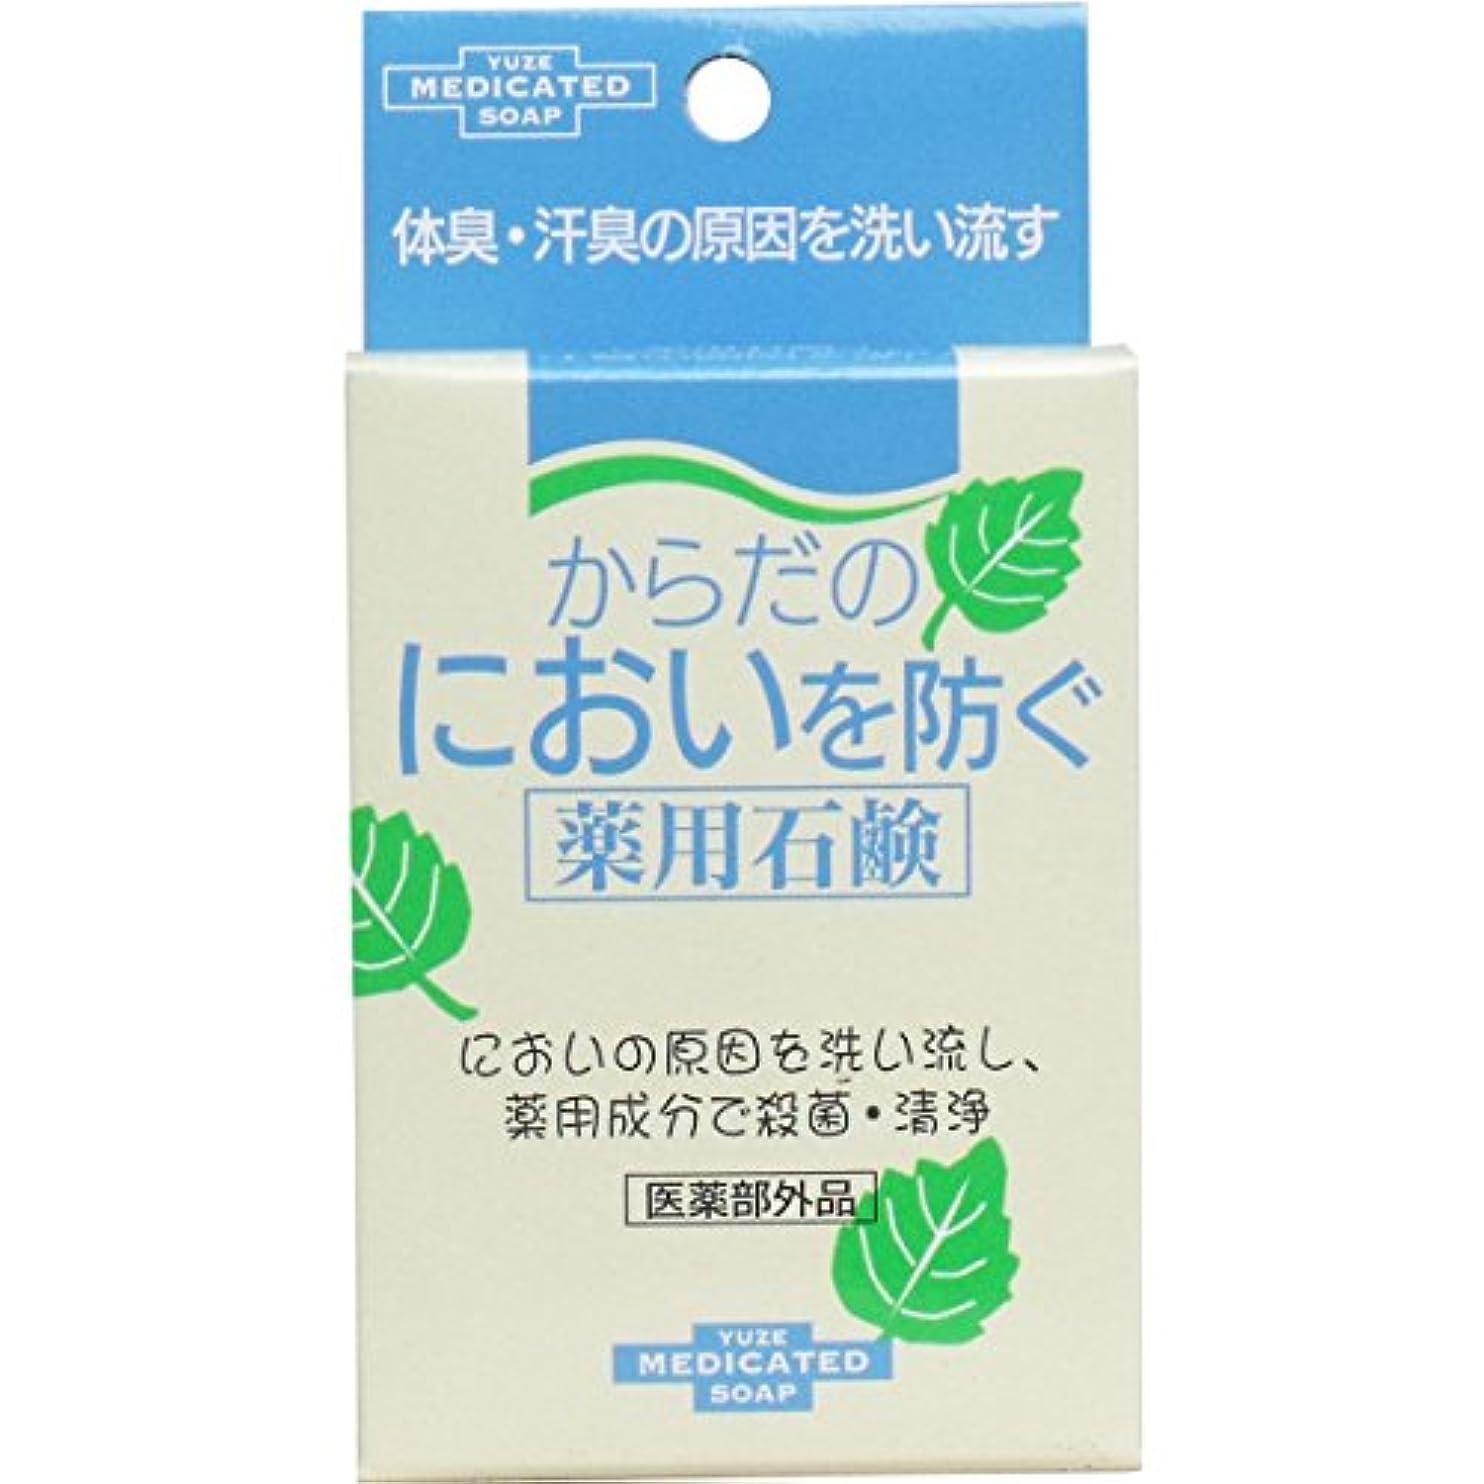 ヘクタール引用削減ユゼ からだのにおいを防ぐ薬用石鹸 7セット